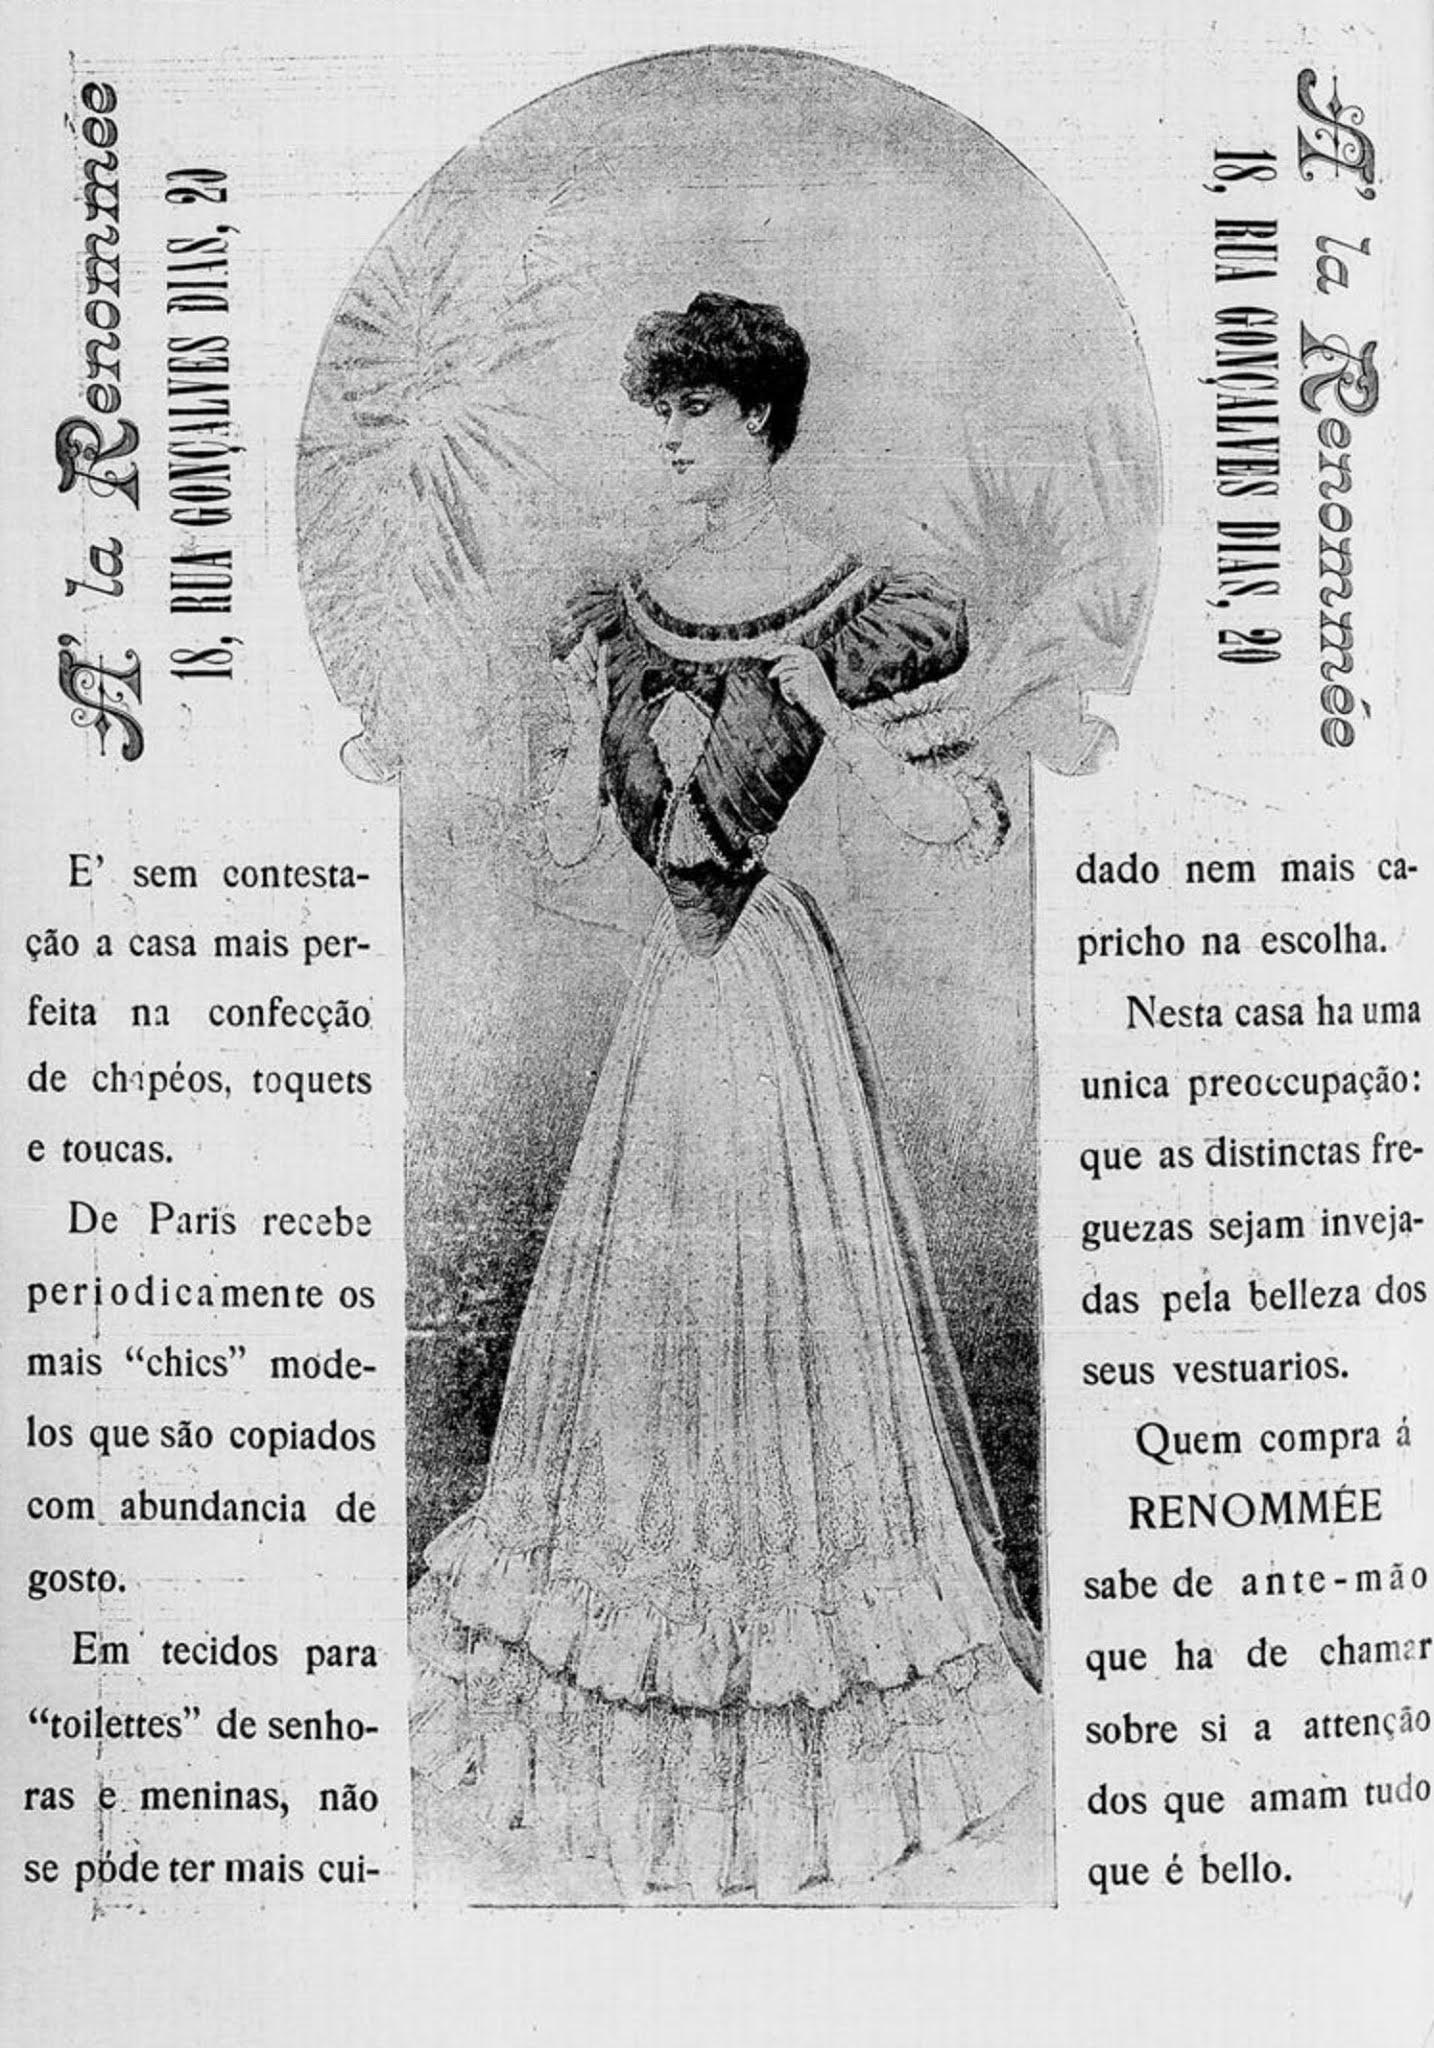 Anúncio antigo da loja de roupas La Renommée veiculada em 1905